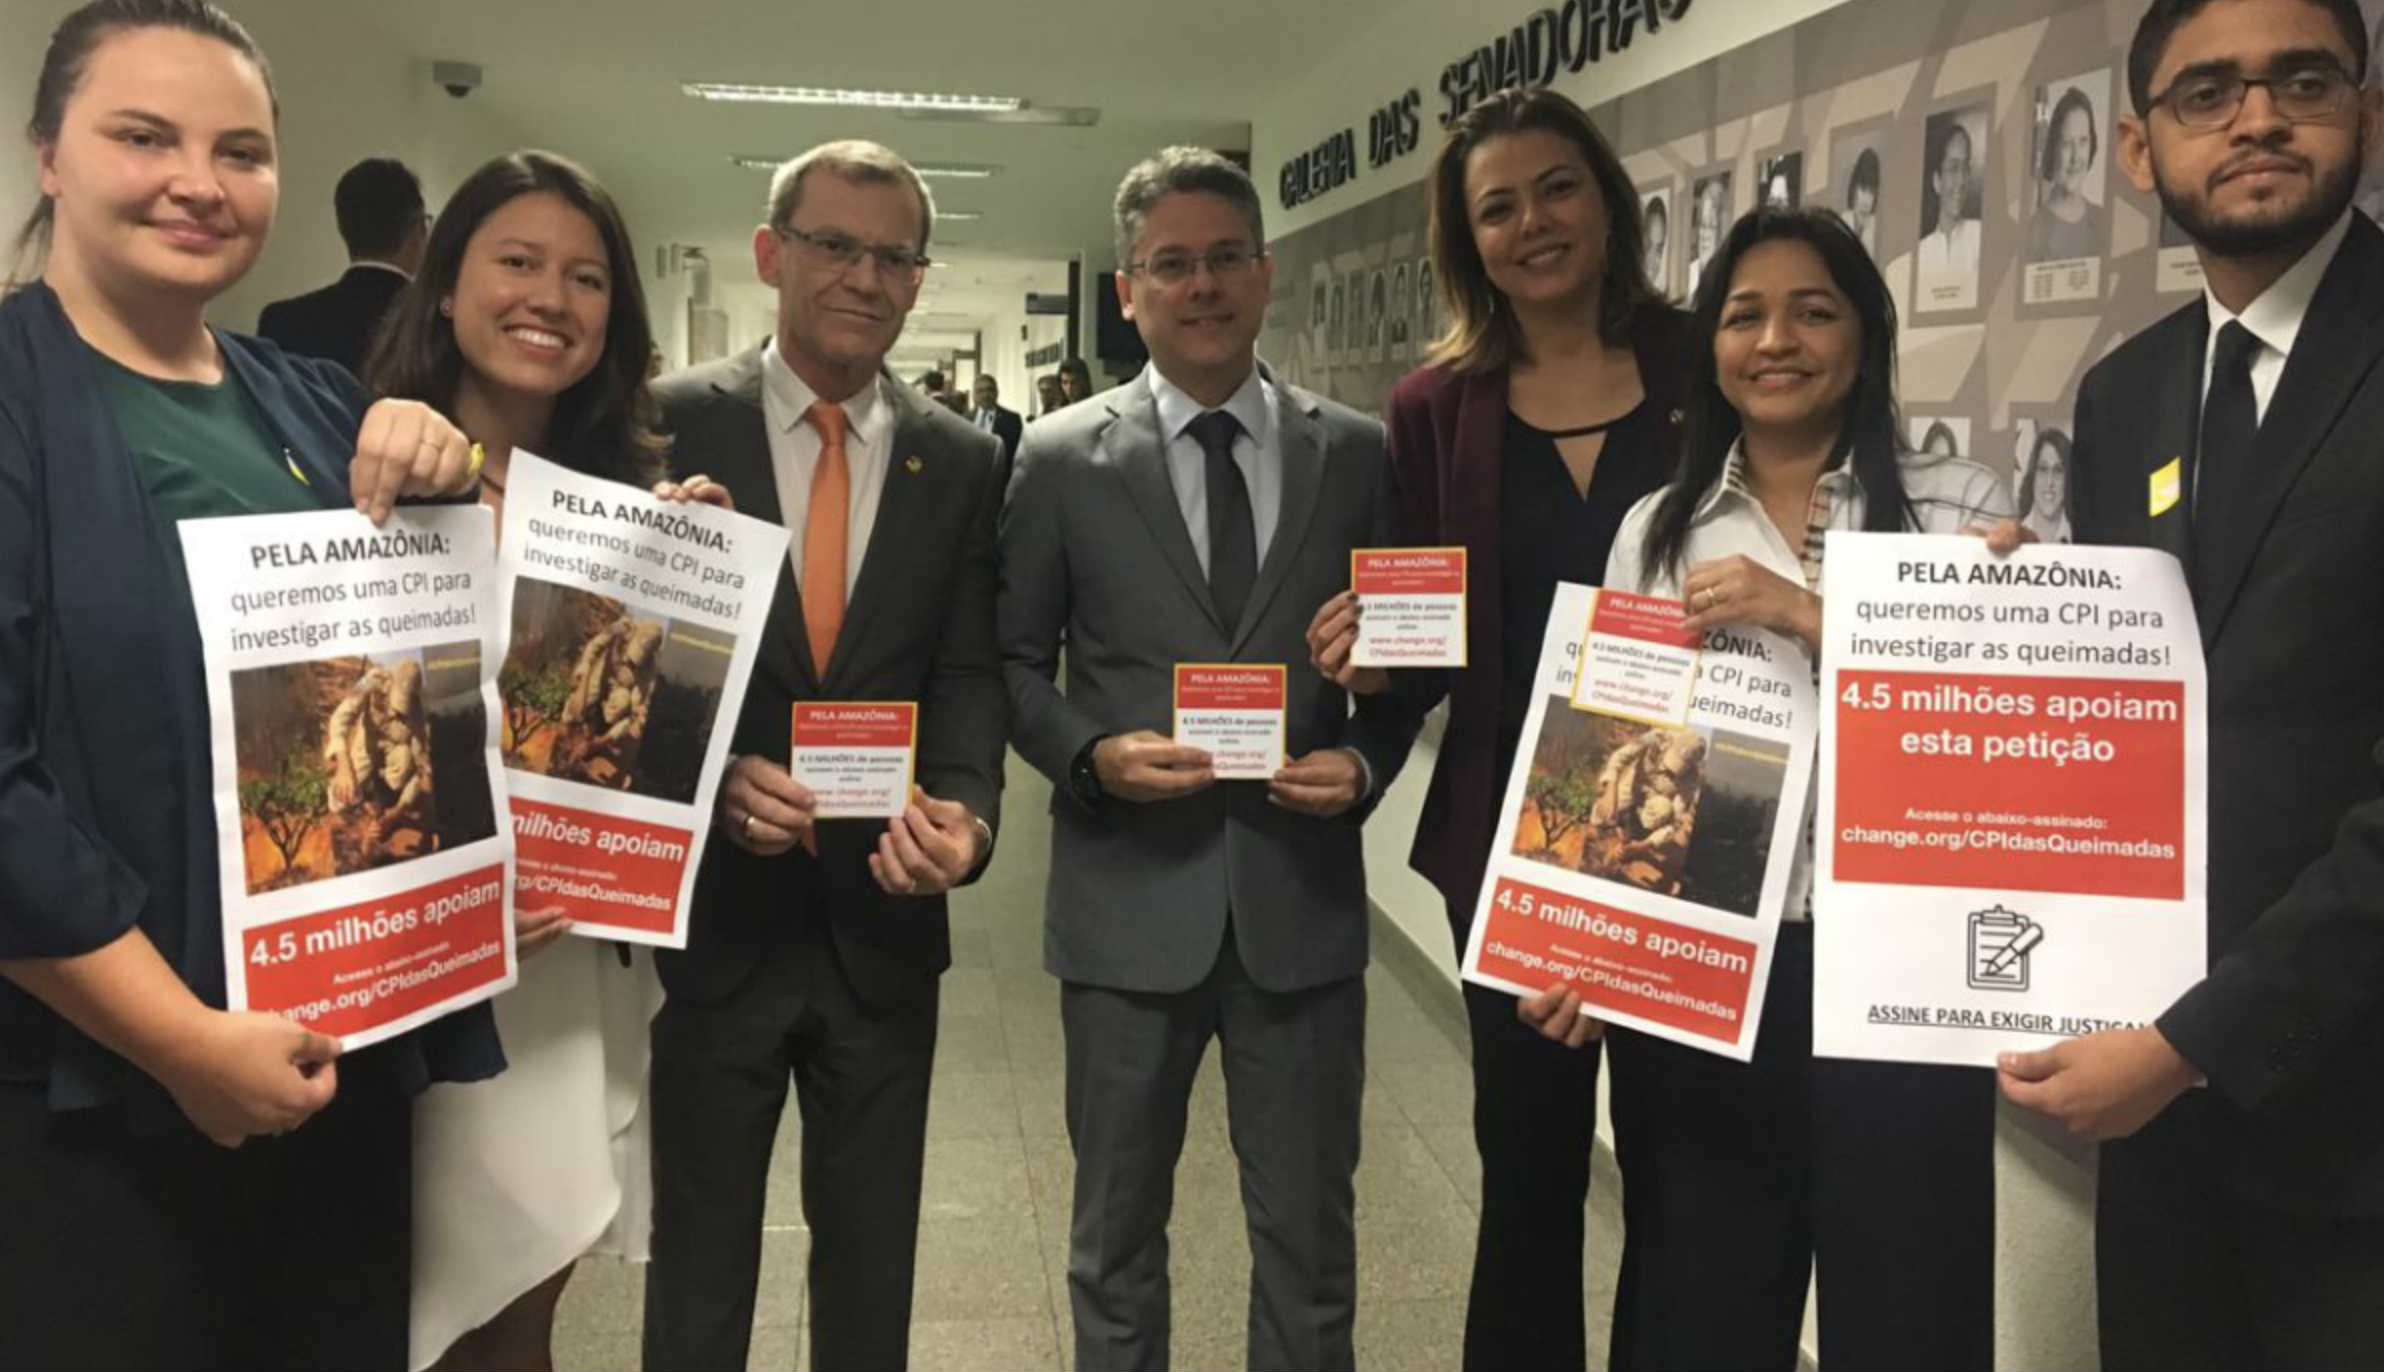 Senadores recebem abaixo-assinado e pressionam o presidente do Senado, Davi Alcolumbre, a abrir CPI das Queimadas (Crédito: Assessoria Senador Alessandro Vieira)